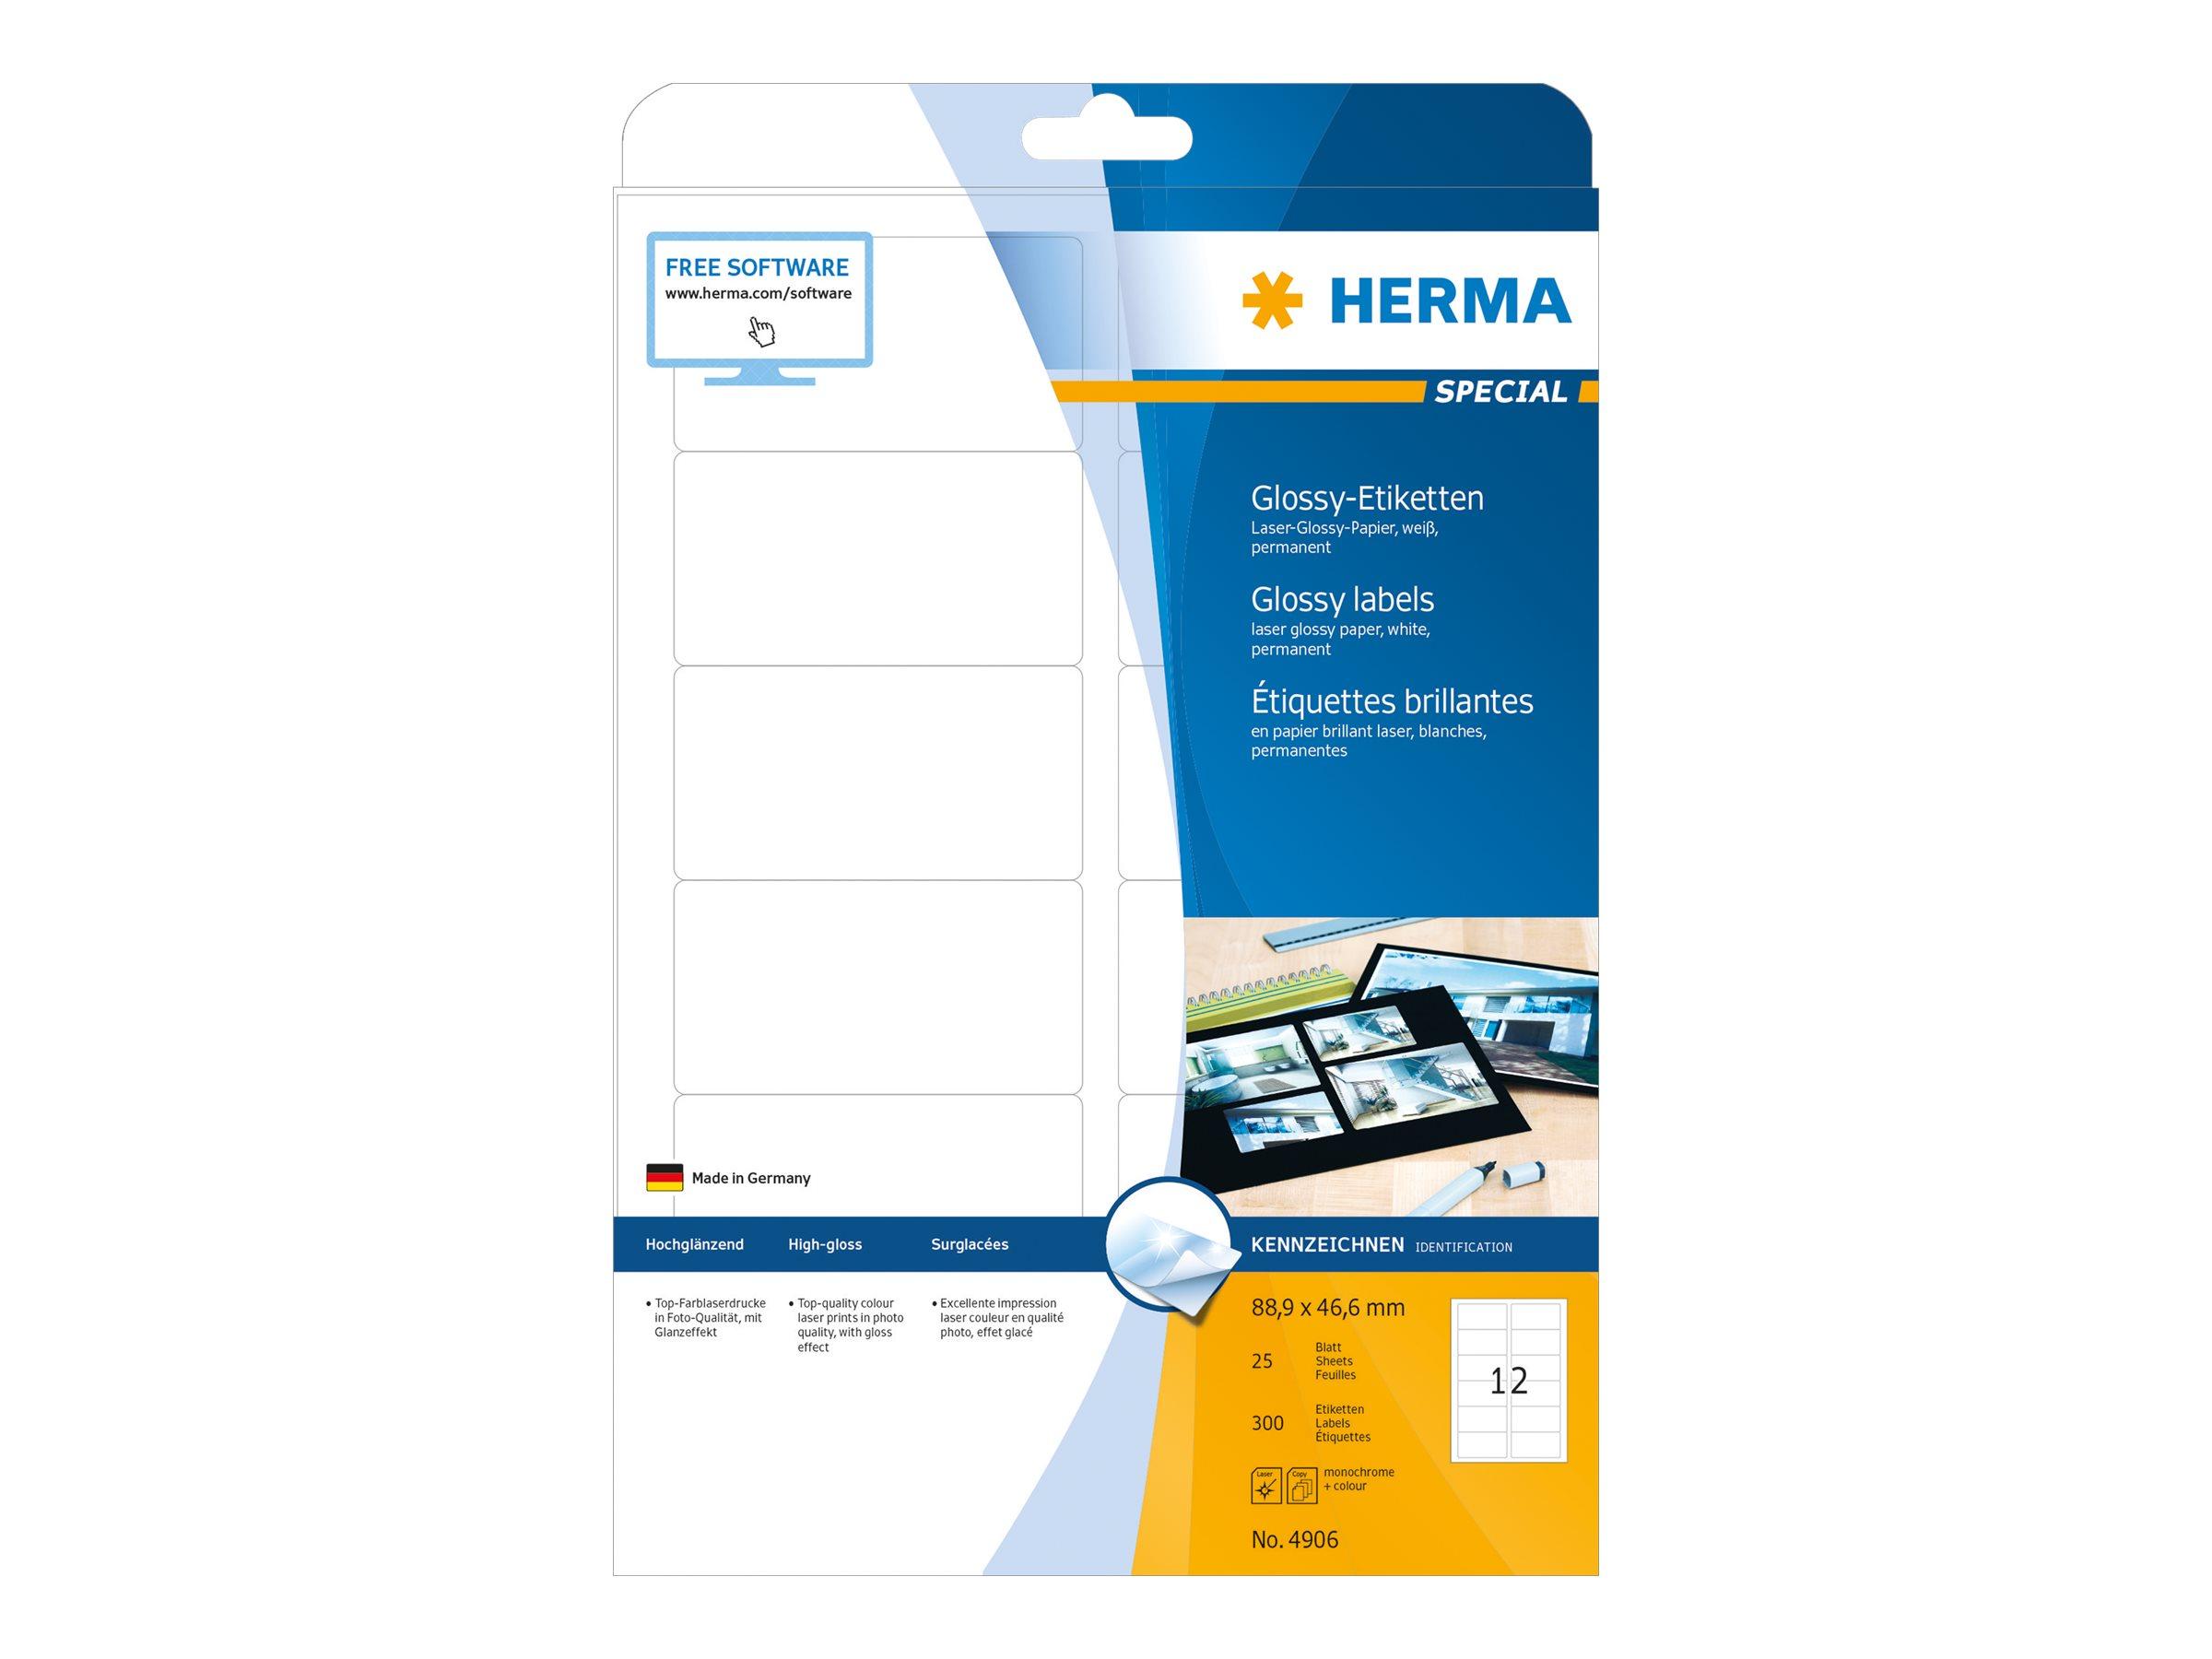 HERMA Special - Papier - hochglänzend